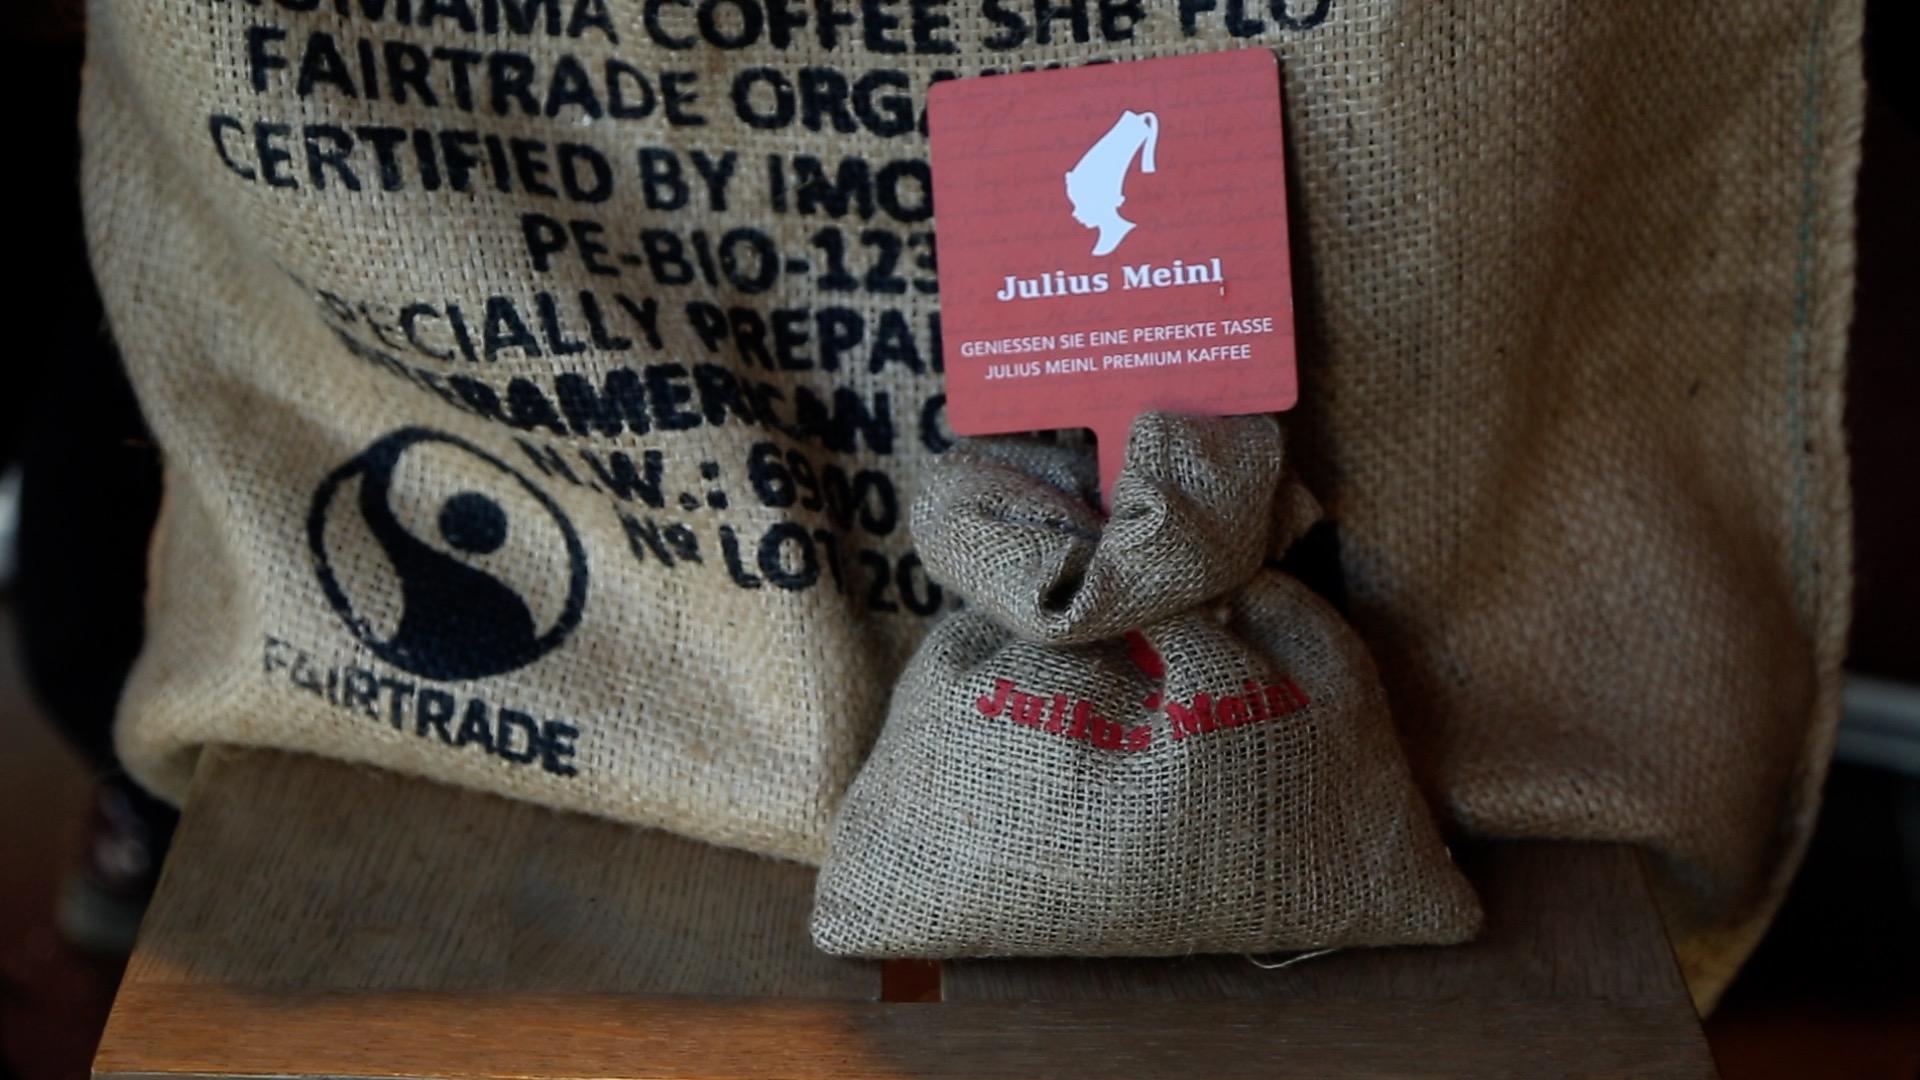 Der Kaffee bei der Bäckereikette Baguette ist jetzt Fair Trade